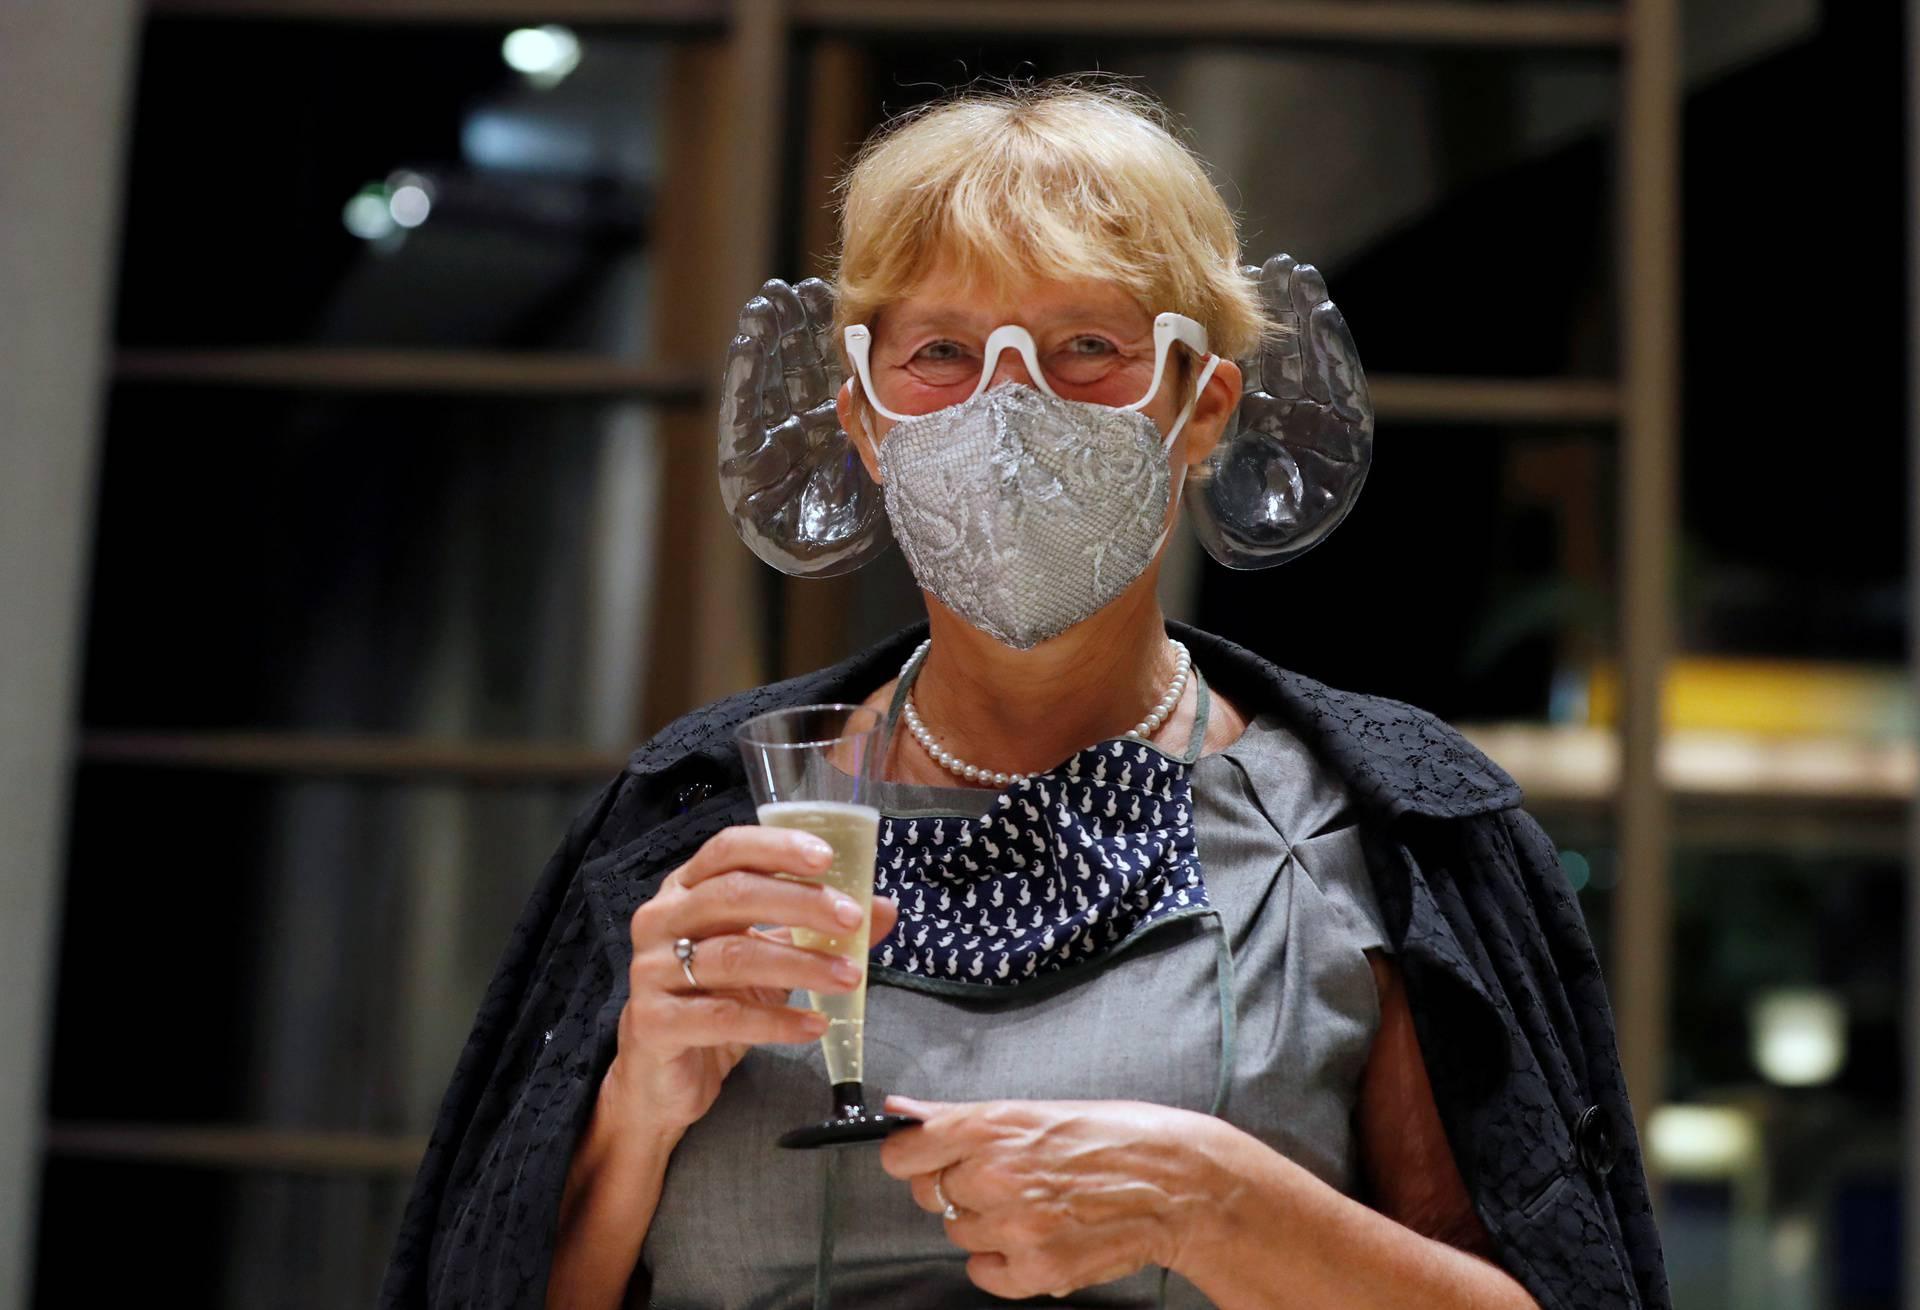 Dirigent izumio dodatke za uši na maskama za bolju akustiku